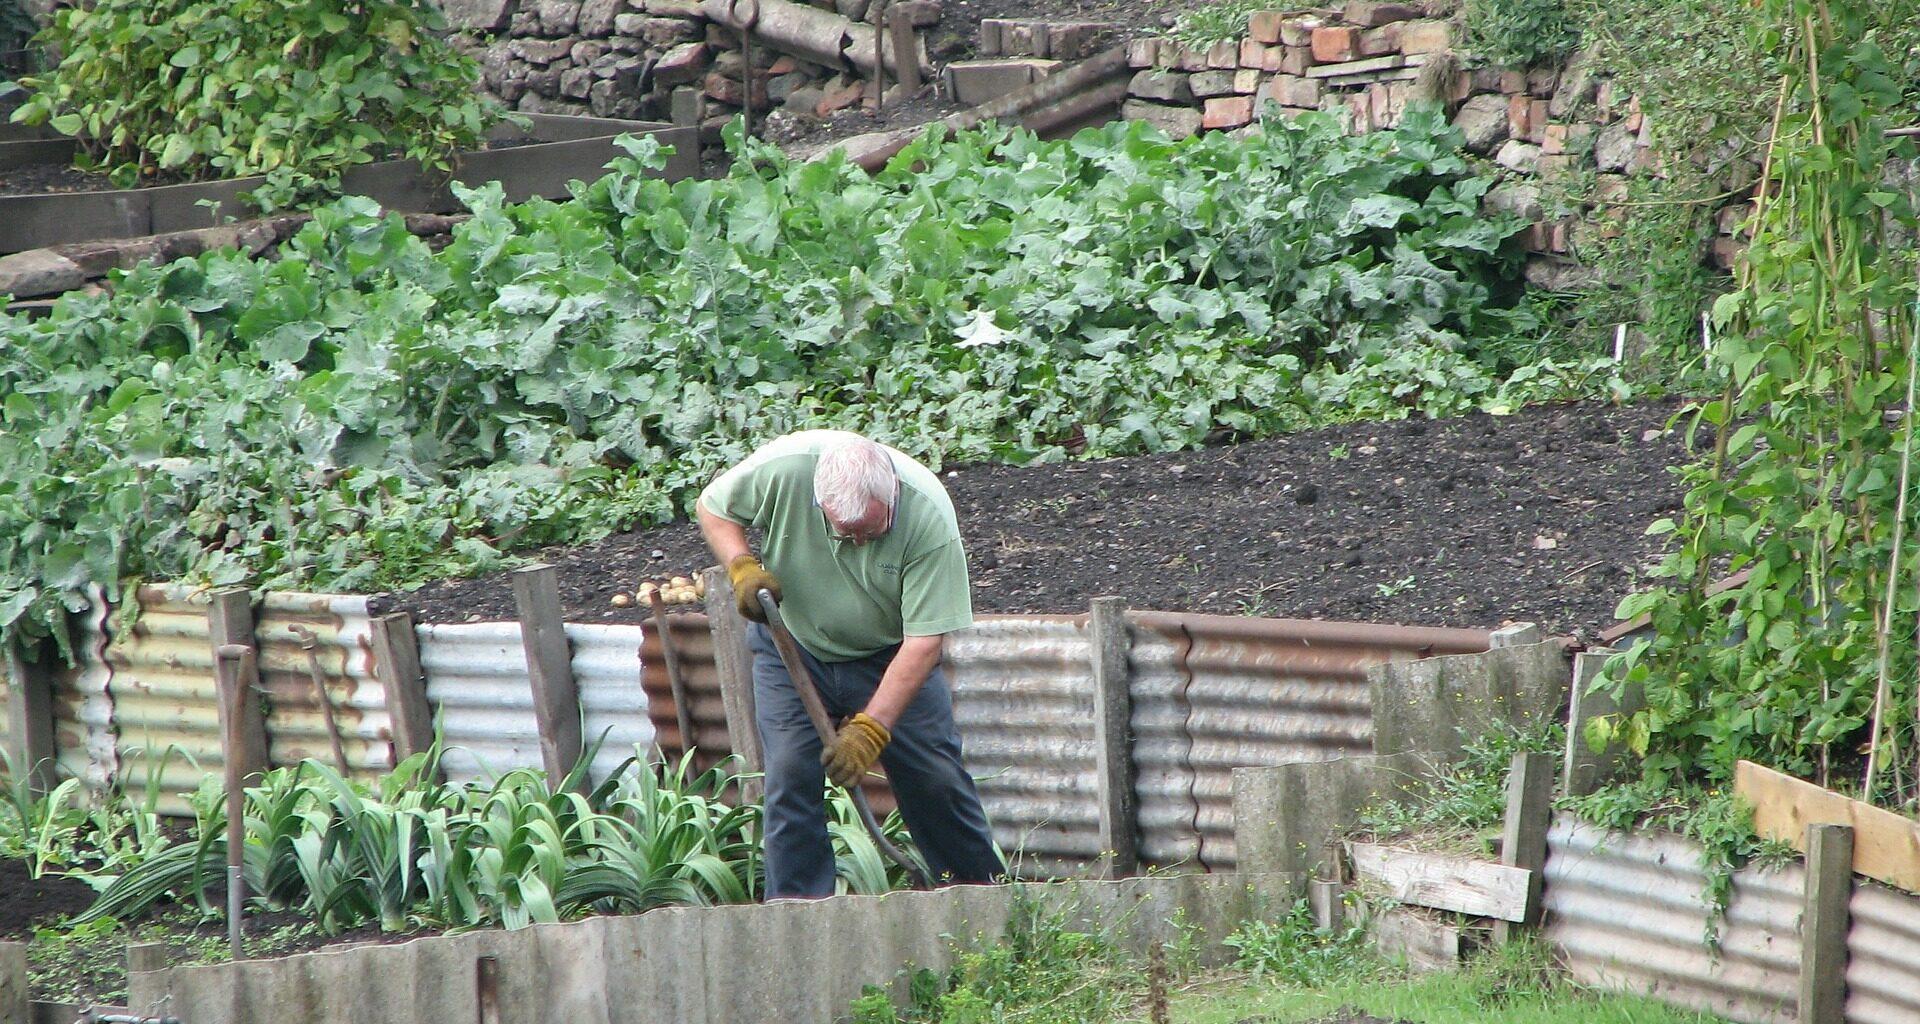 Kultywator w ogrodzie. Jakie ma zastosowanie?